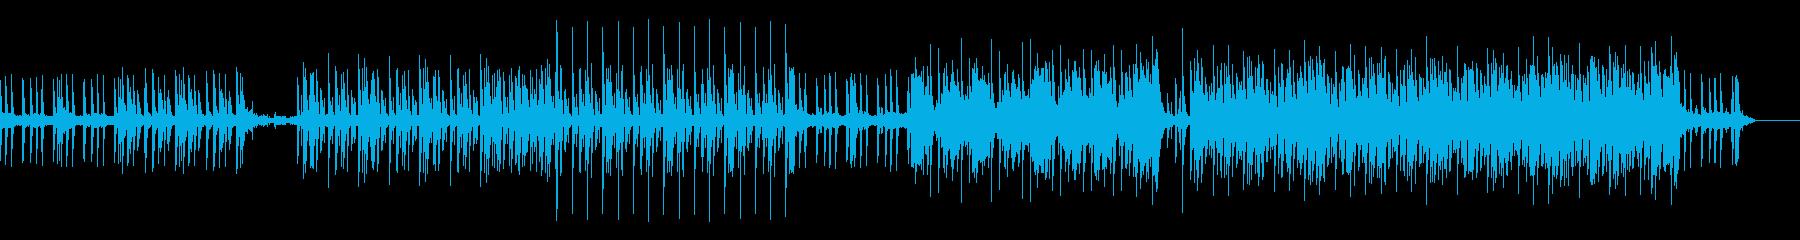 テクノ、ポップ、ピアノ、かっこいいの再生済みの波形